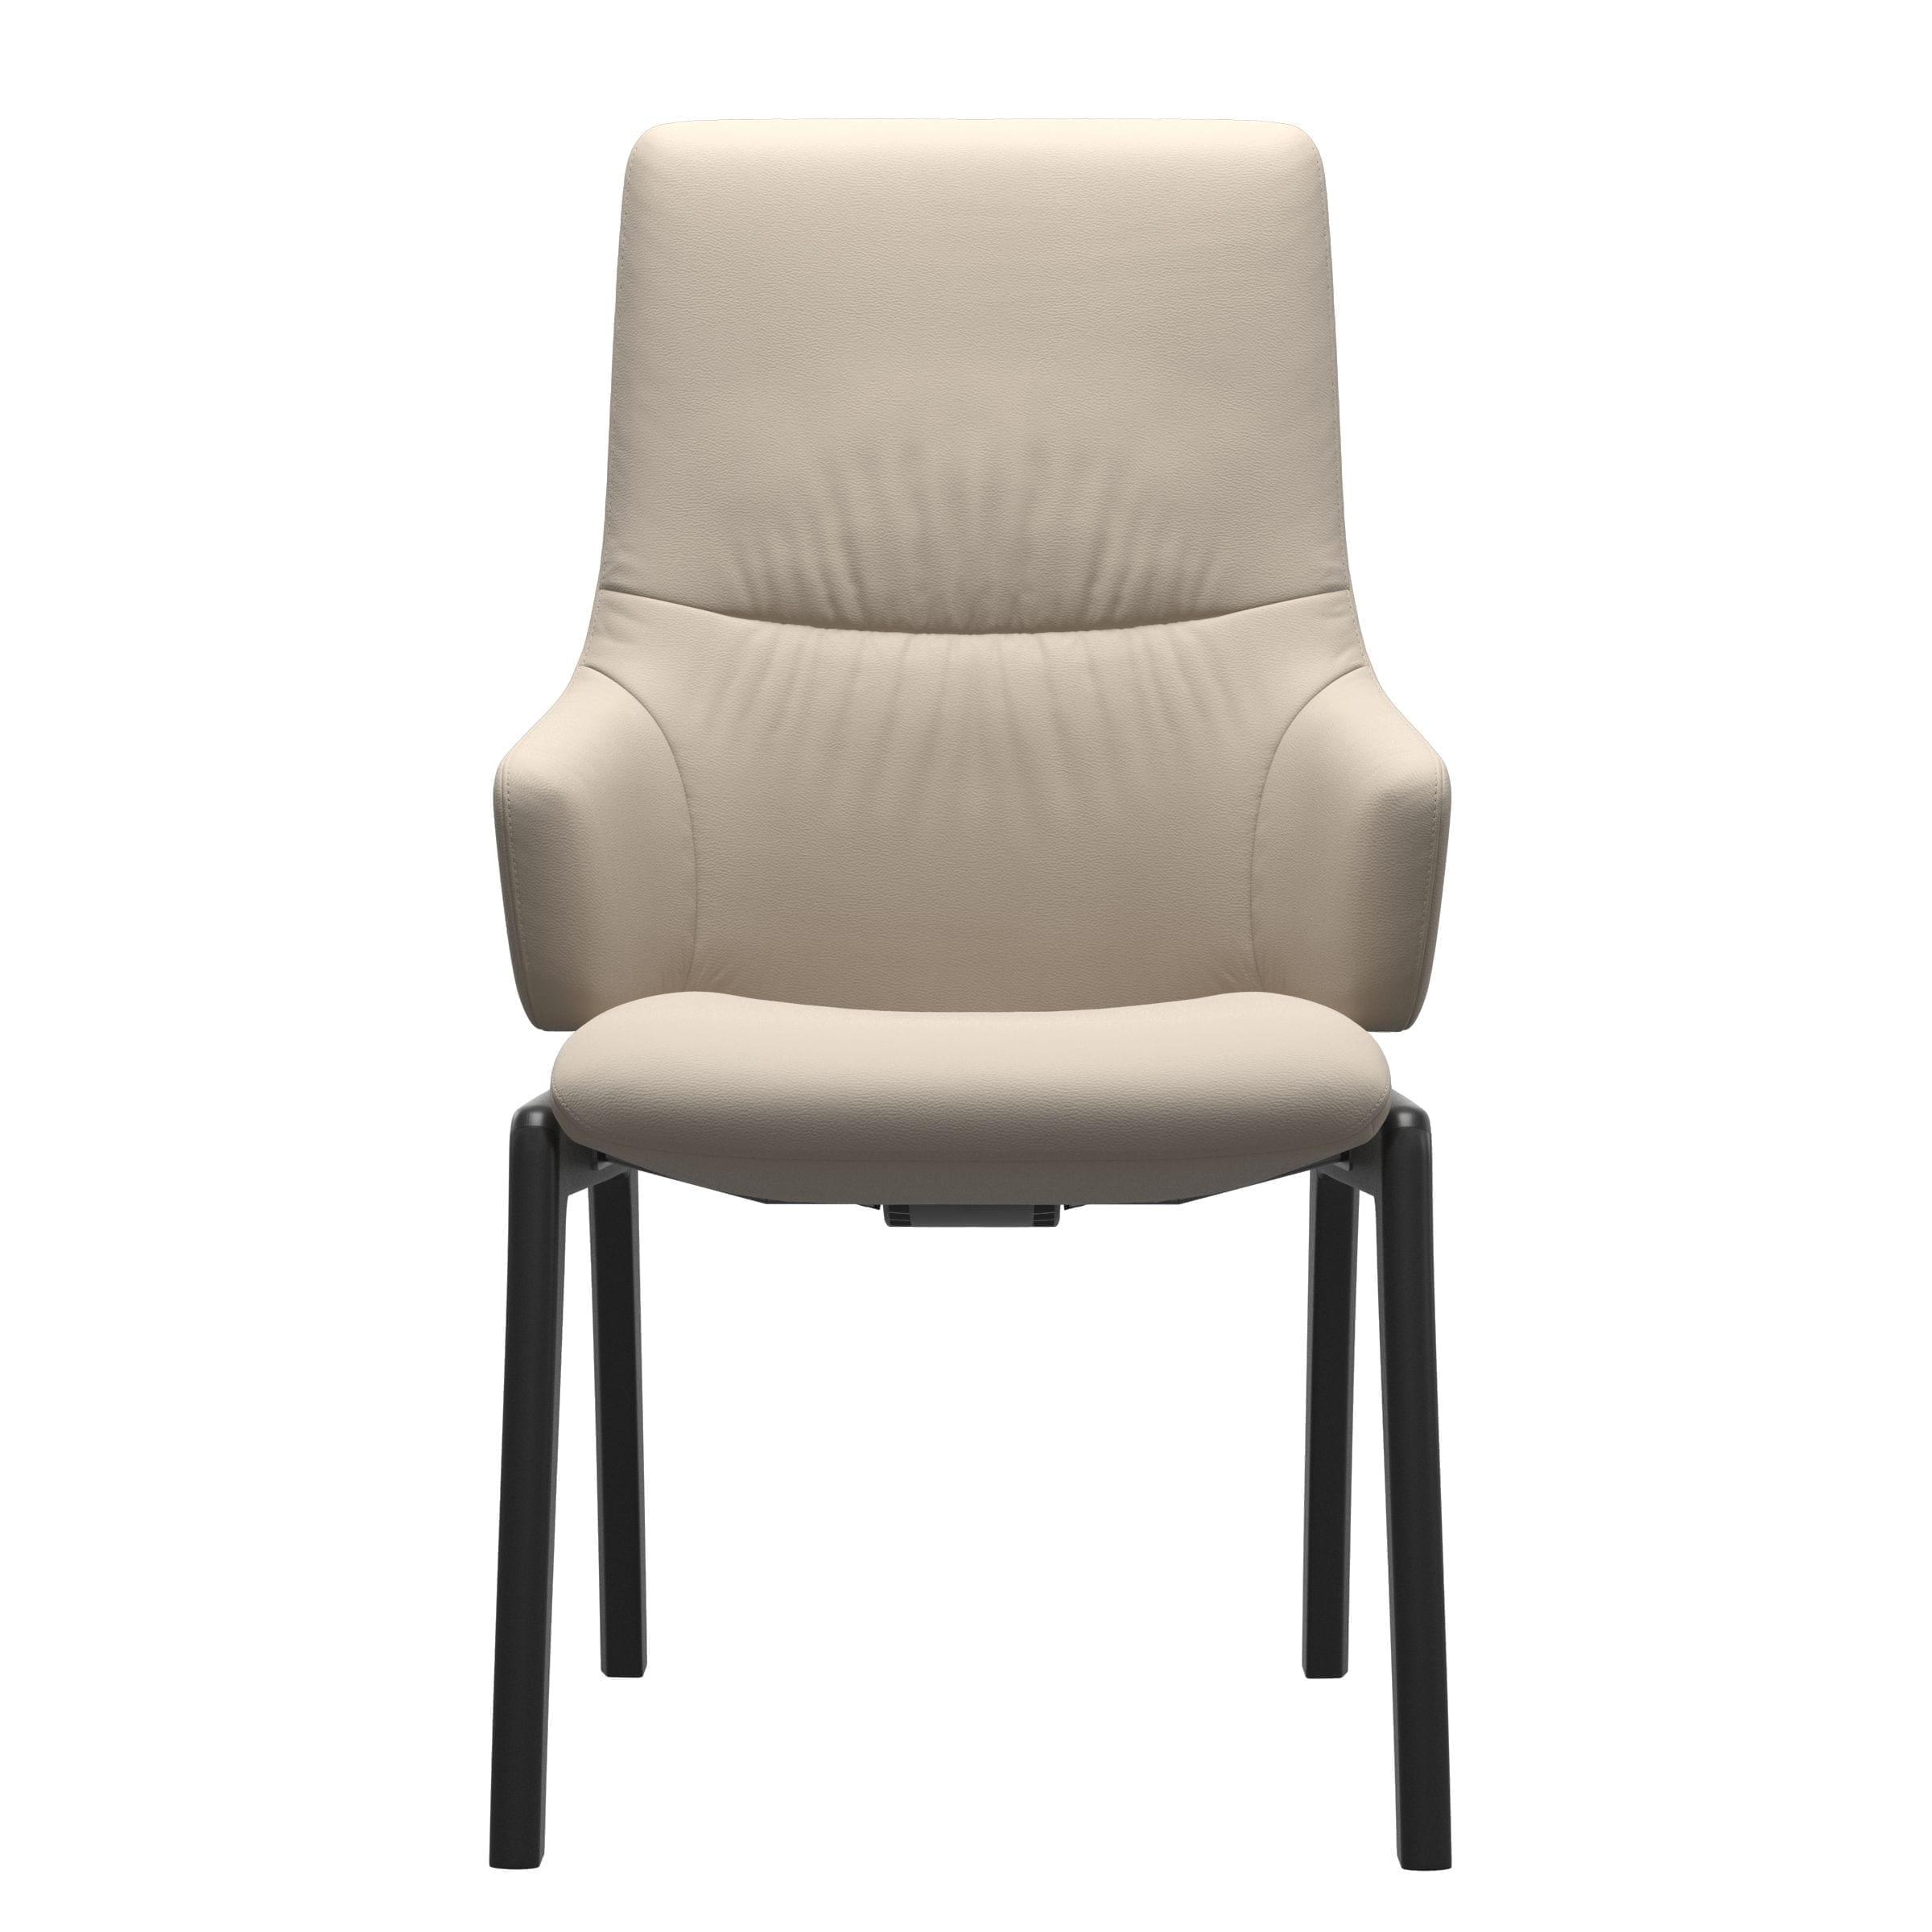 Mint High Back Chair D100